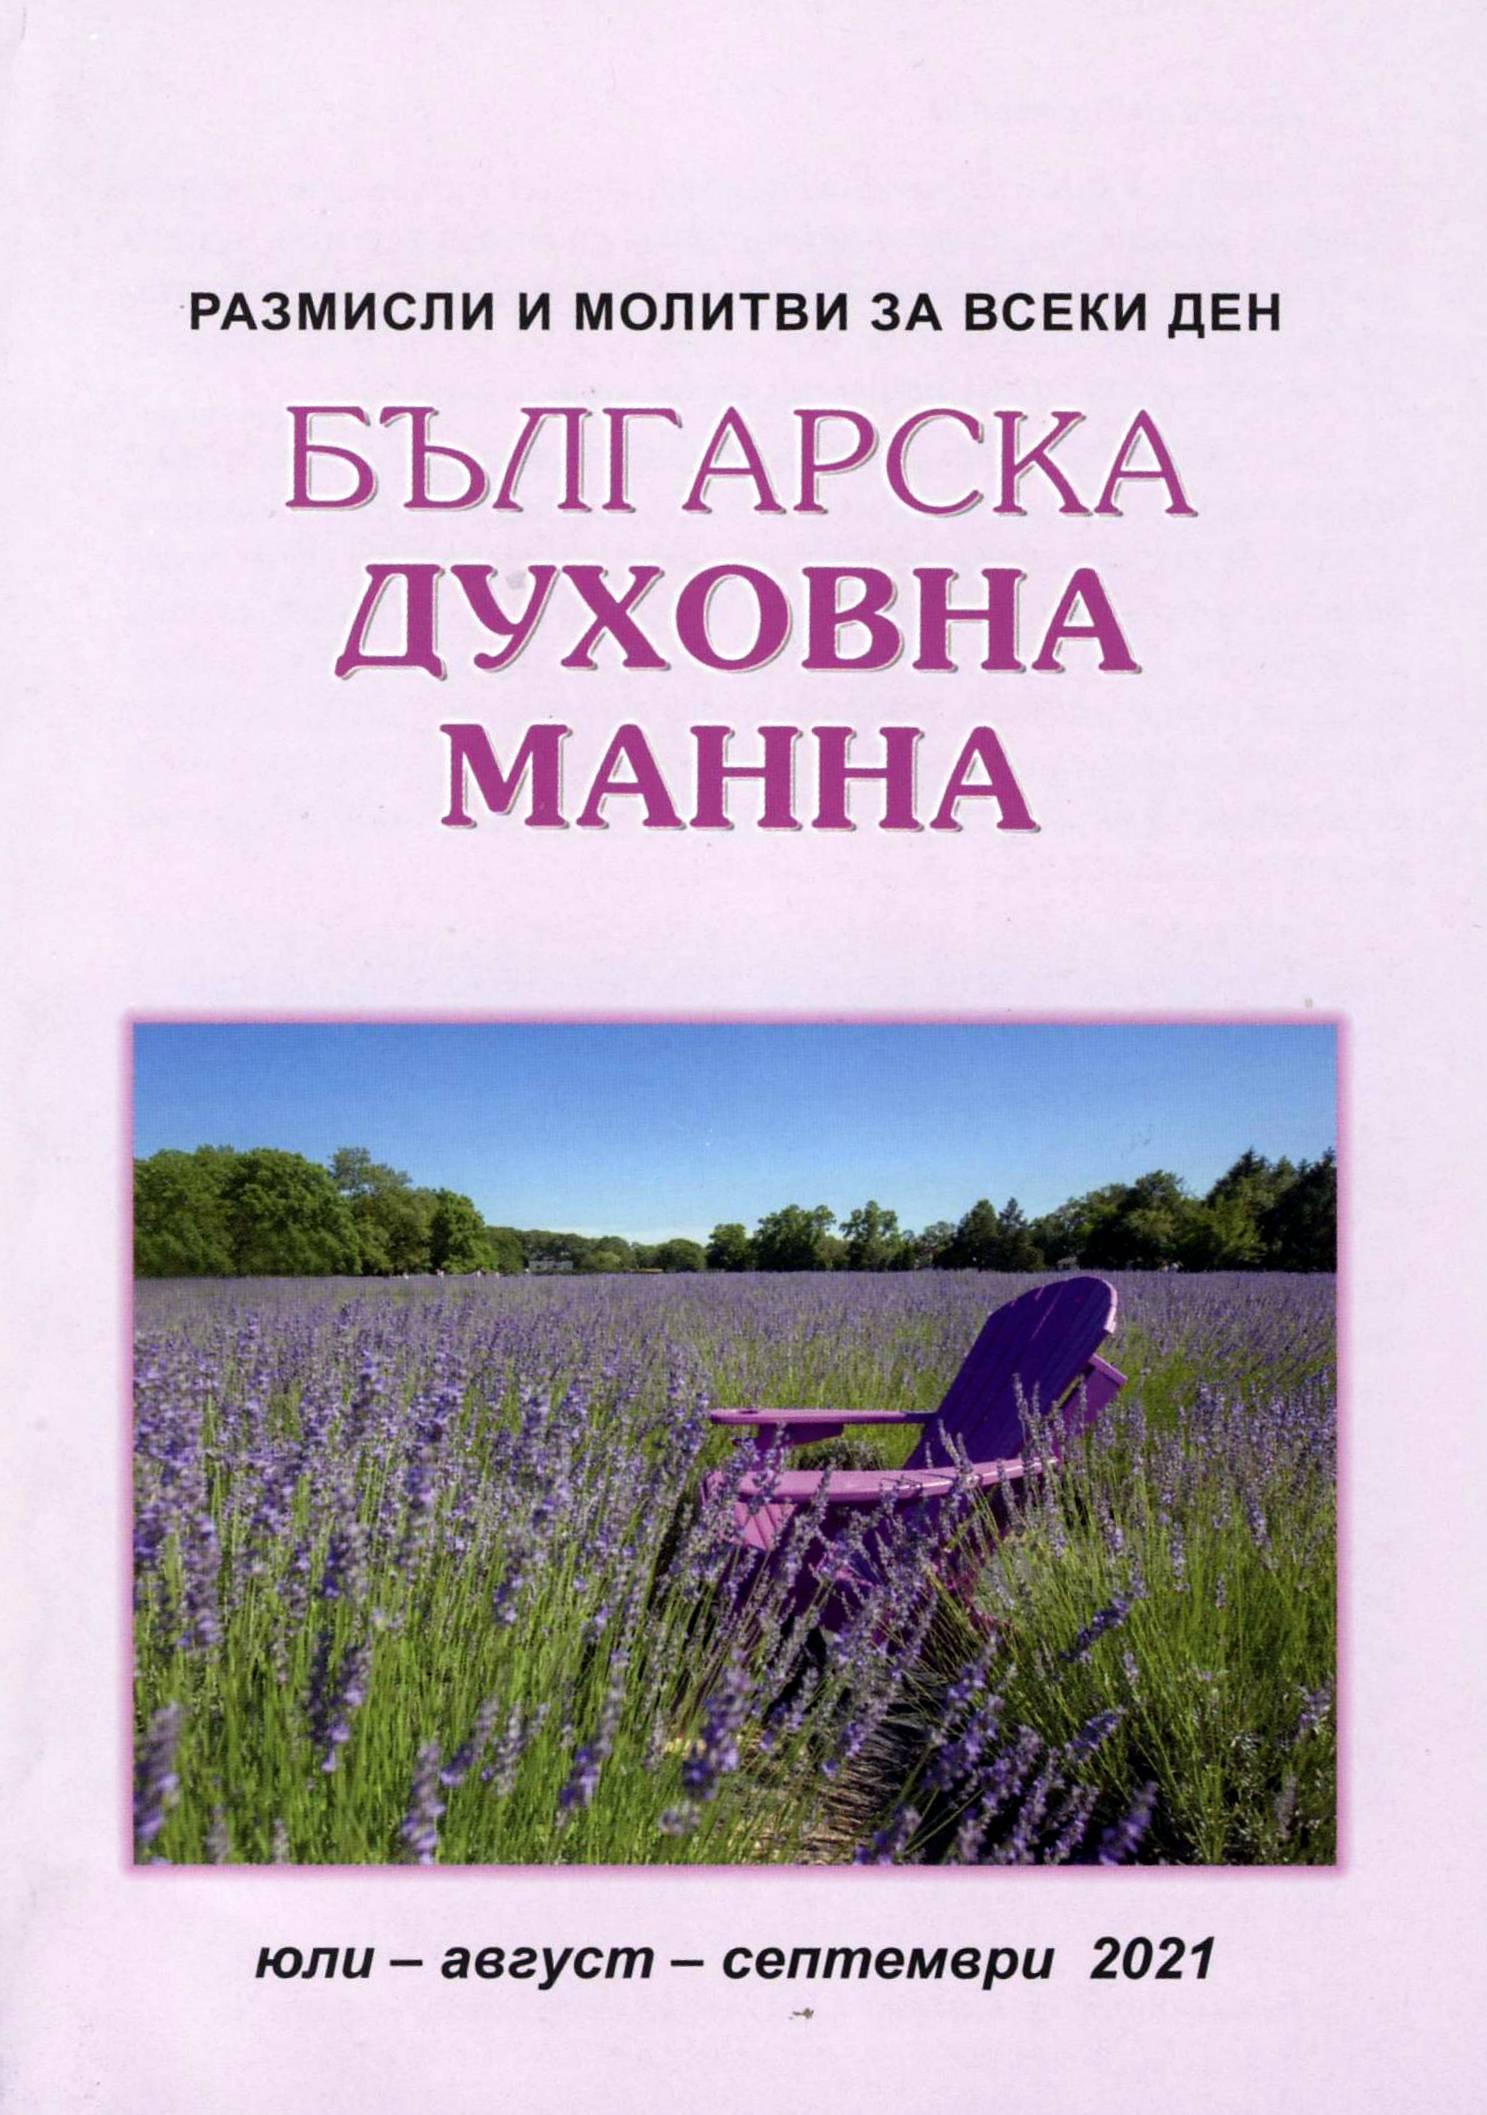 Българска духовна манна - юли, август, септември 2021